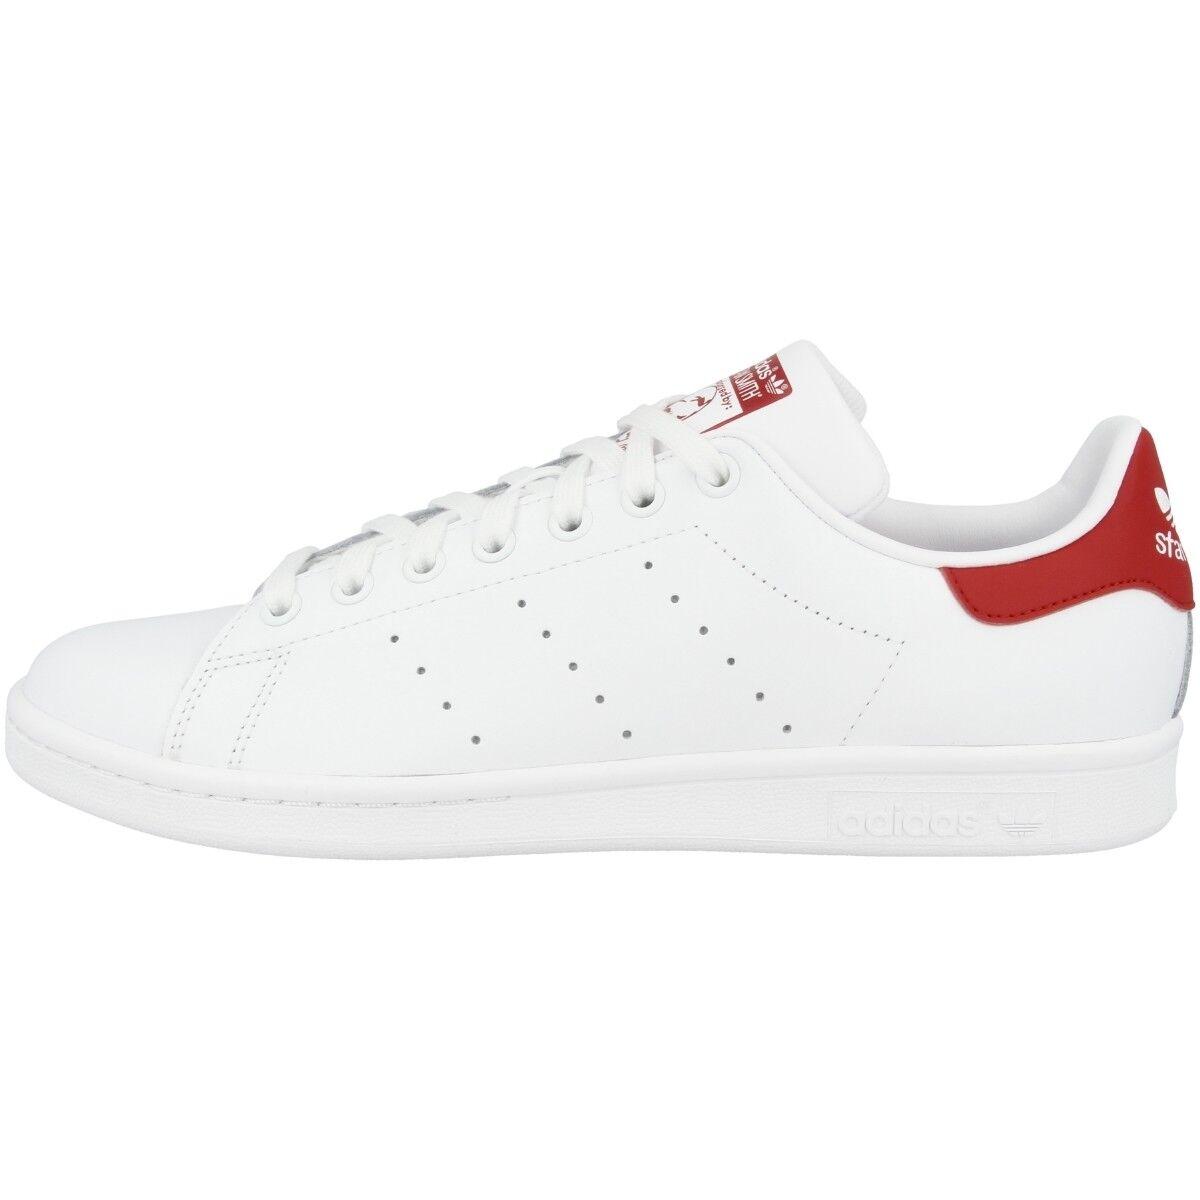 Adidas Stan Smith Schuhe Retro Sneaker white red M20326 Tennis Court Samba